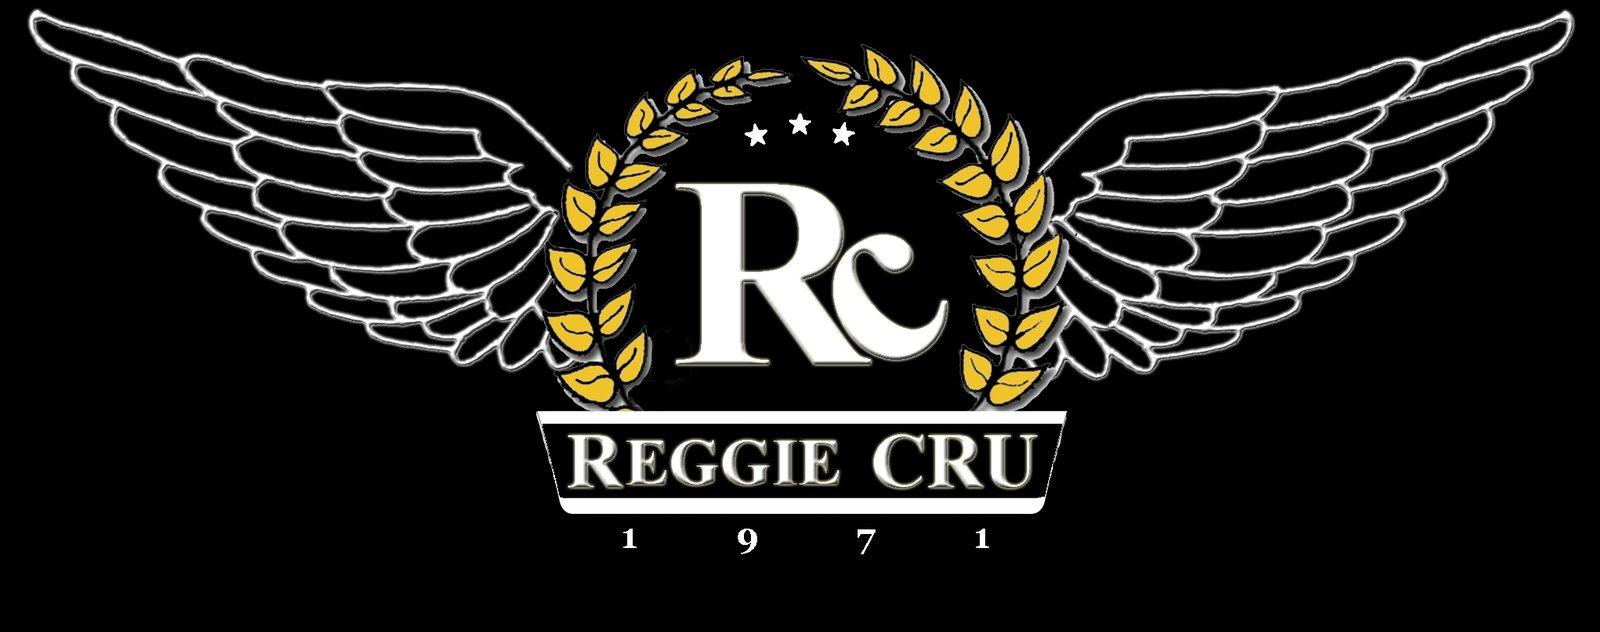 Reggie Cru